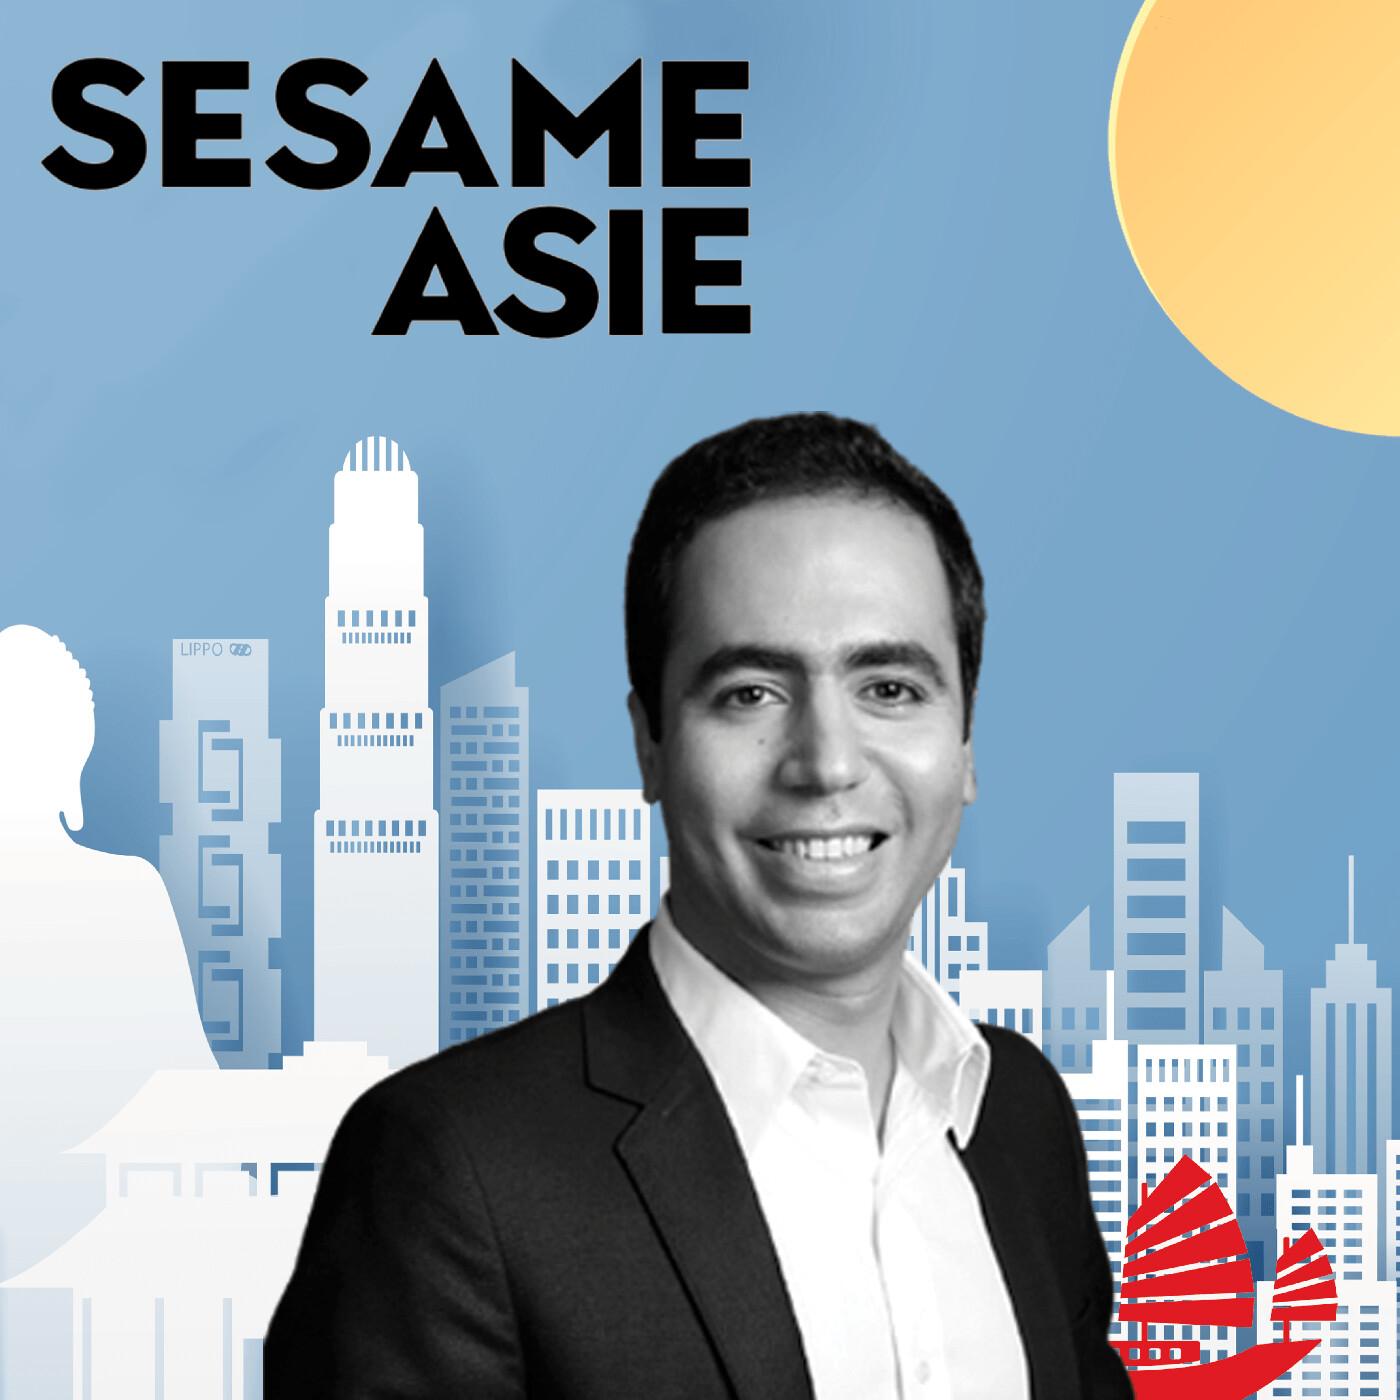 #37 Chine: Yassine Regragui [Fintech & Chine] Travailler chez Alibaba et Alipay, l'affaire ANT IPO, la monnaie numérique chinoise